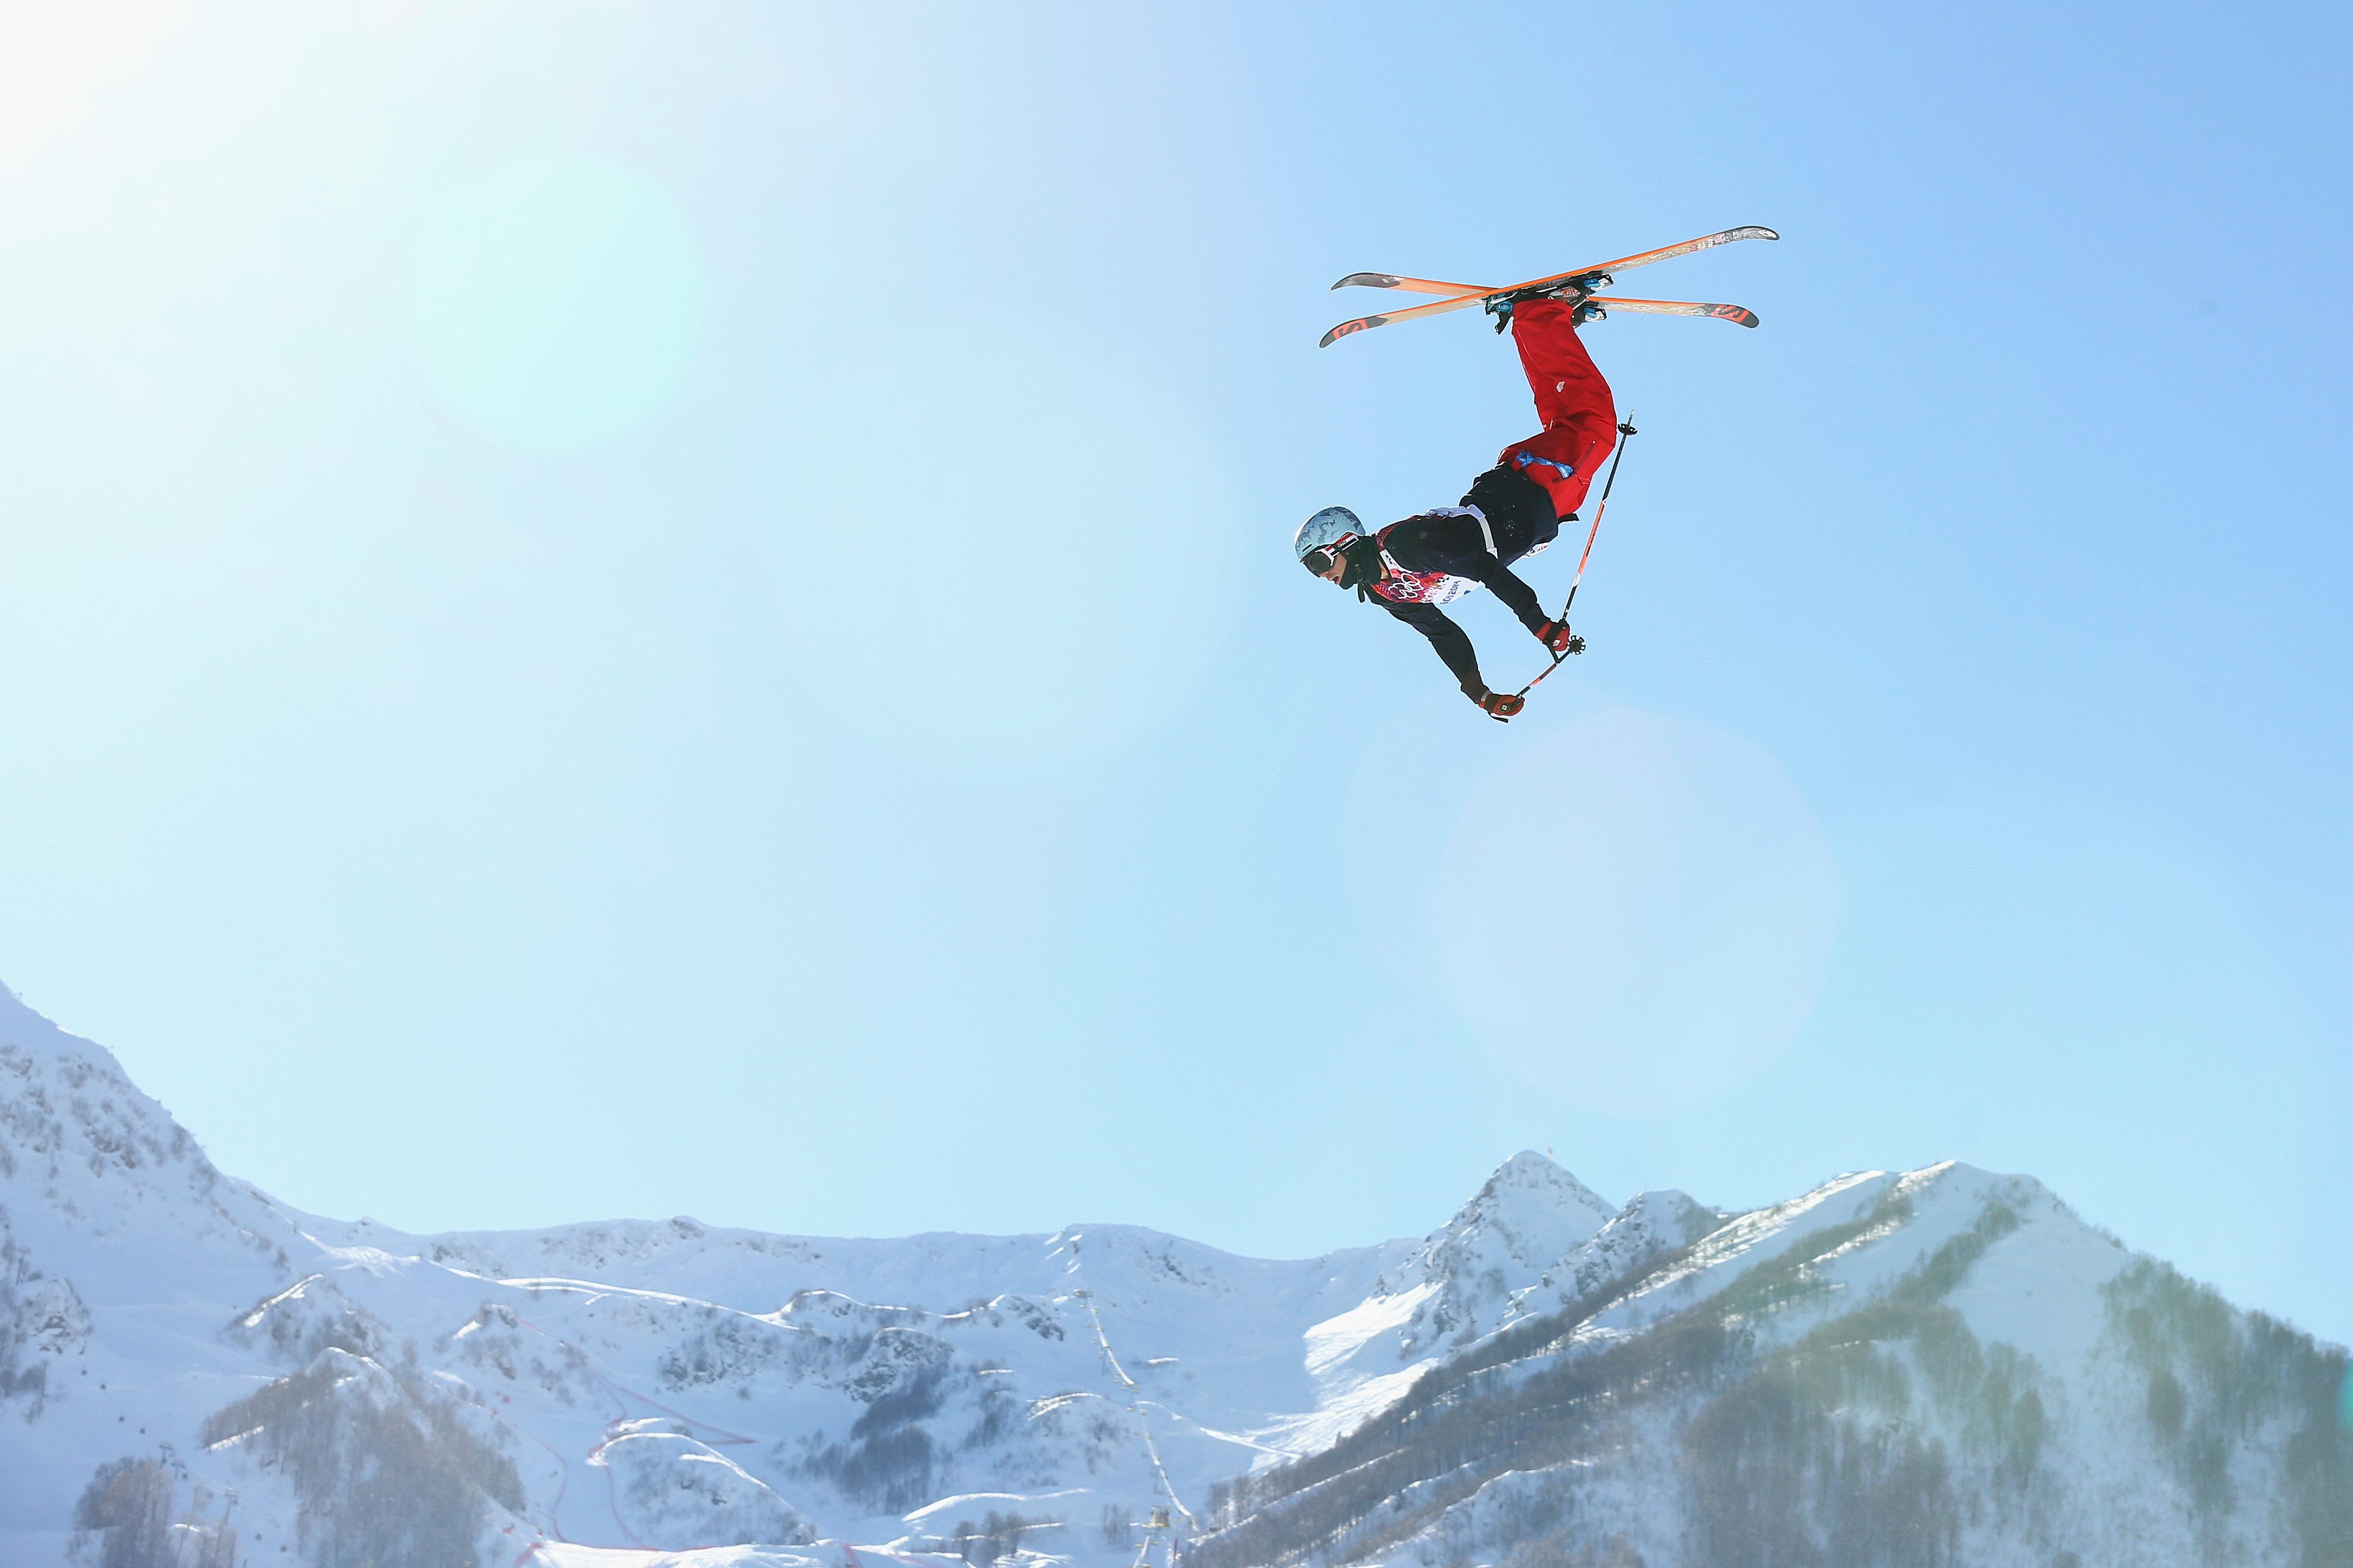 Skiing Sport Wallpaper Iphone: Skiing Computer Wallpapers, Desktop Backgrounds